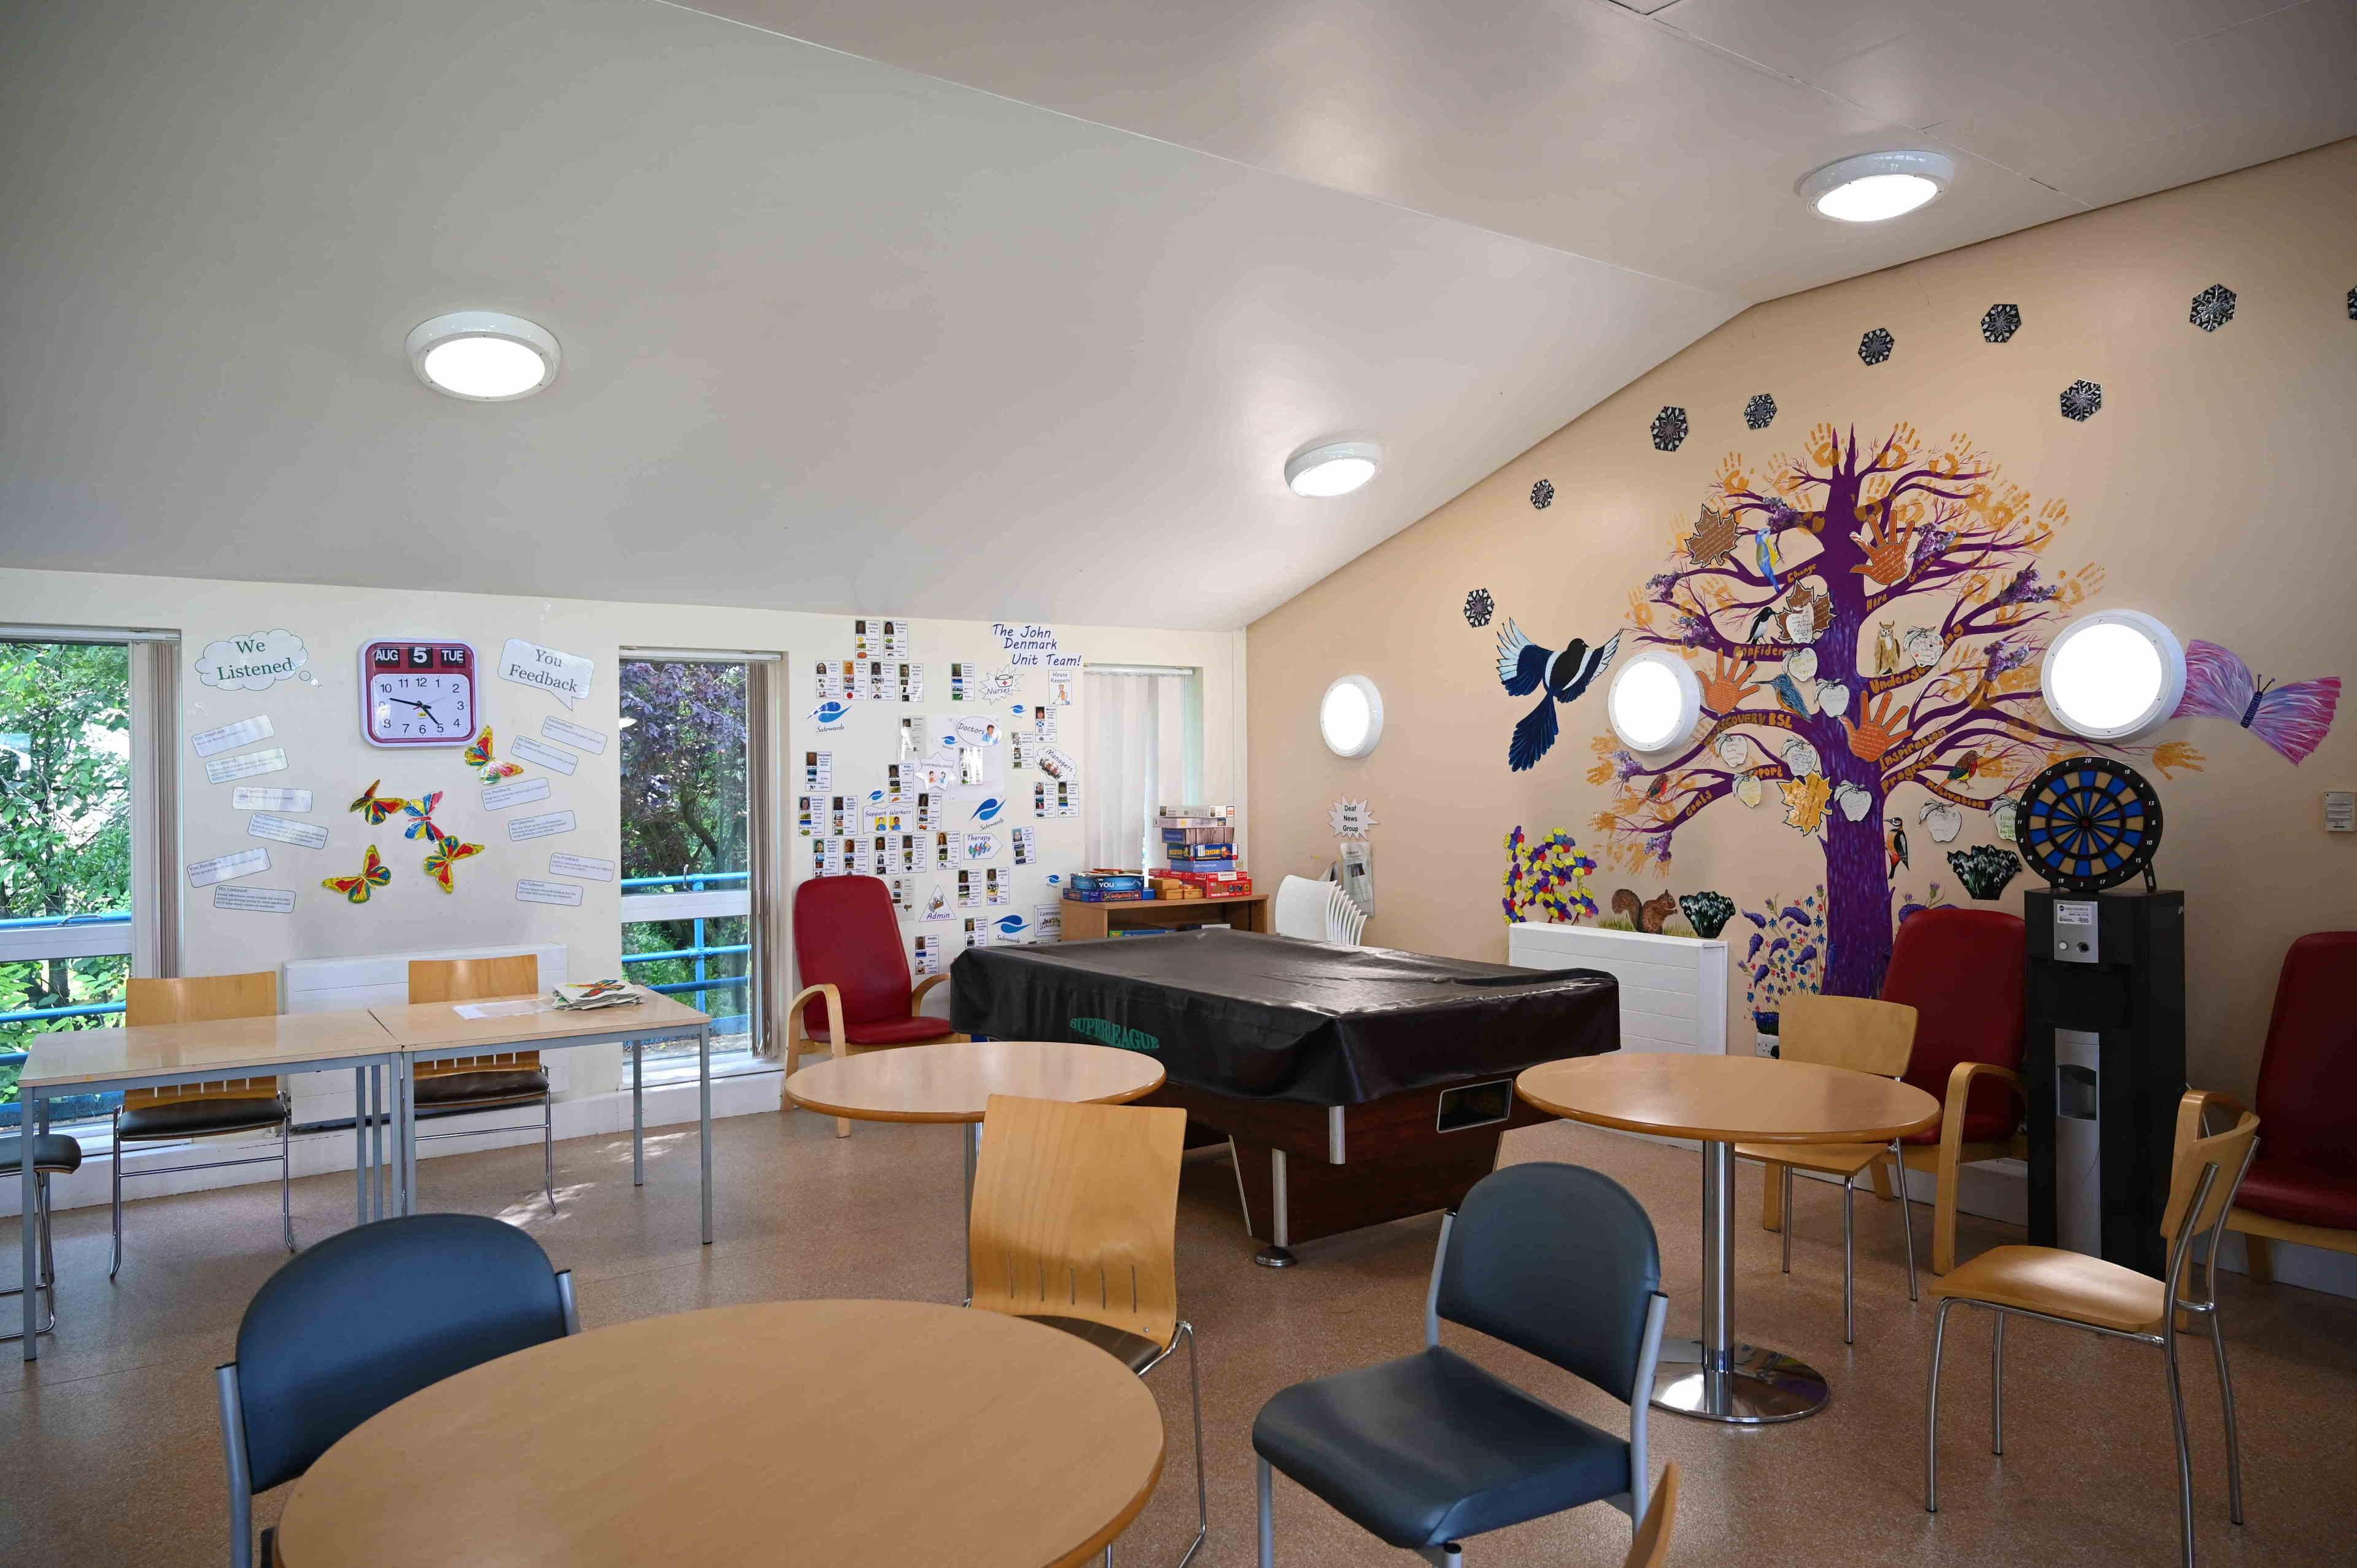 Prestwich Hospital - Communal Room